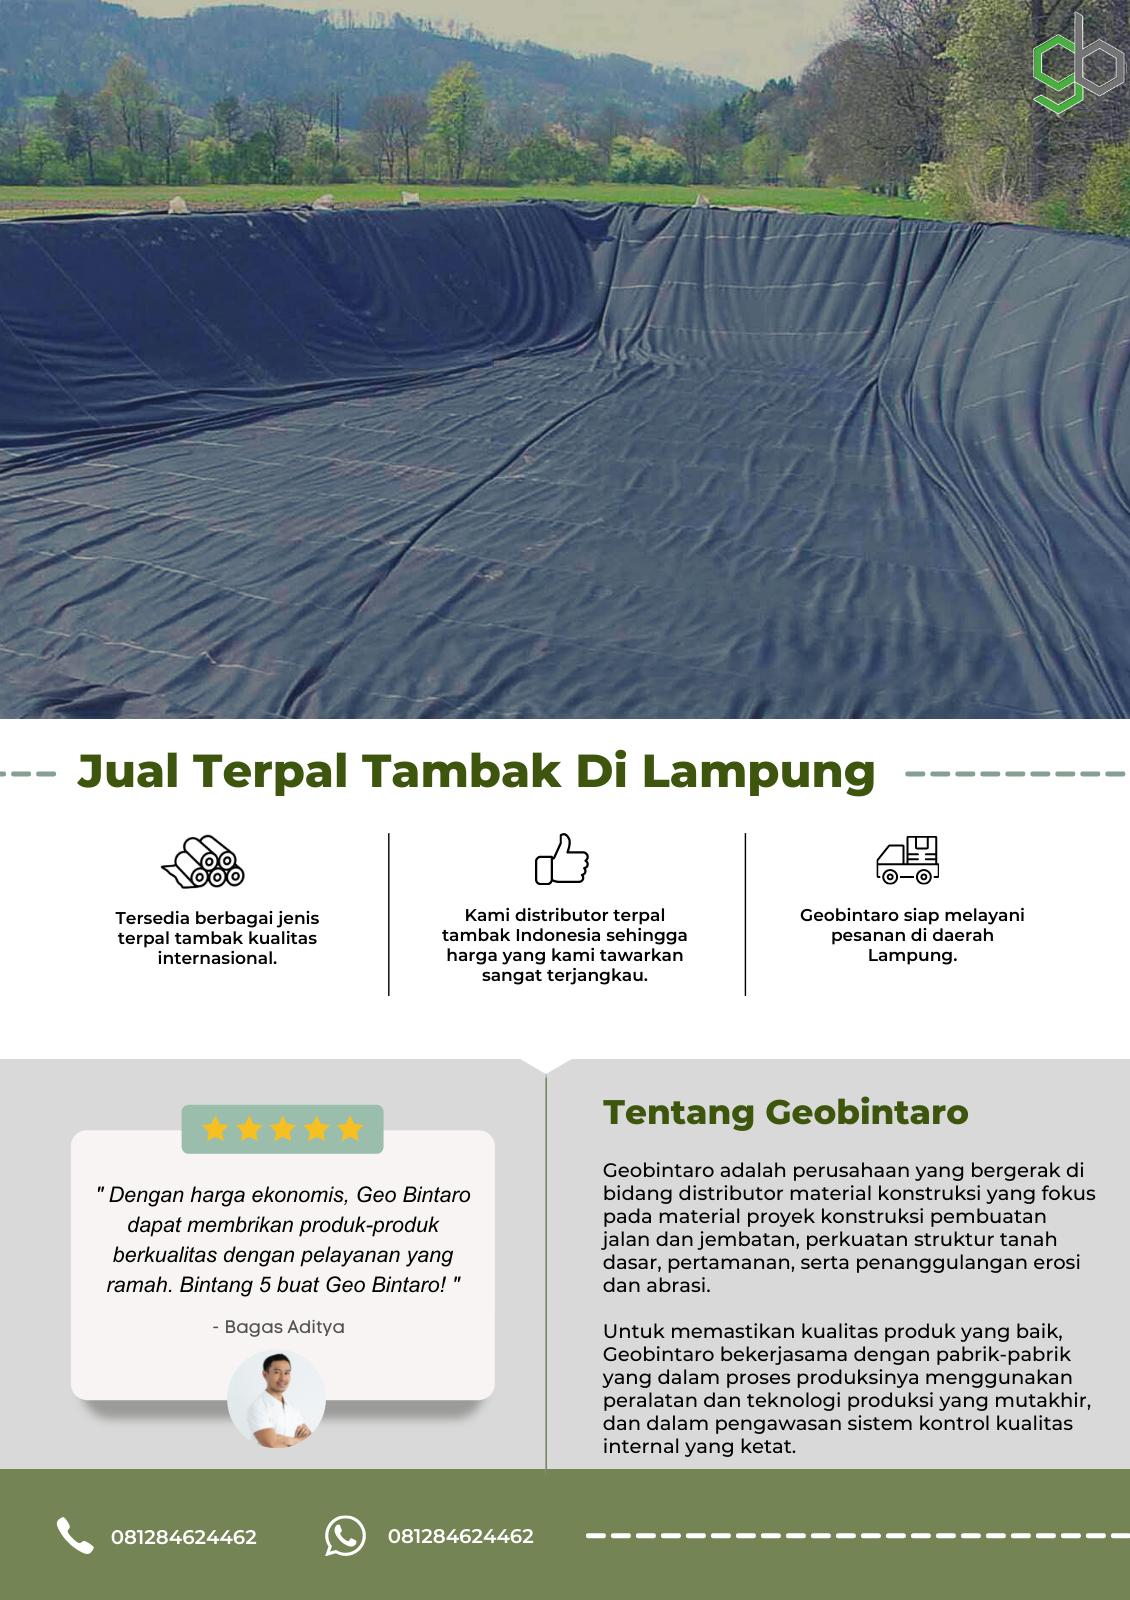 Jual Terpal Tambak Di Lampung